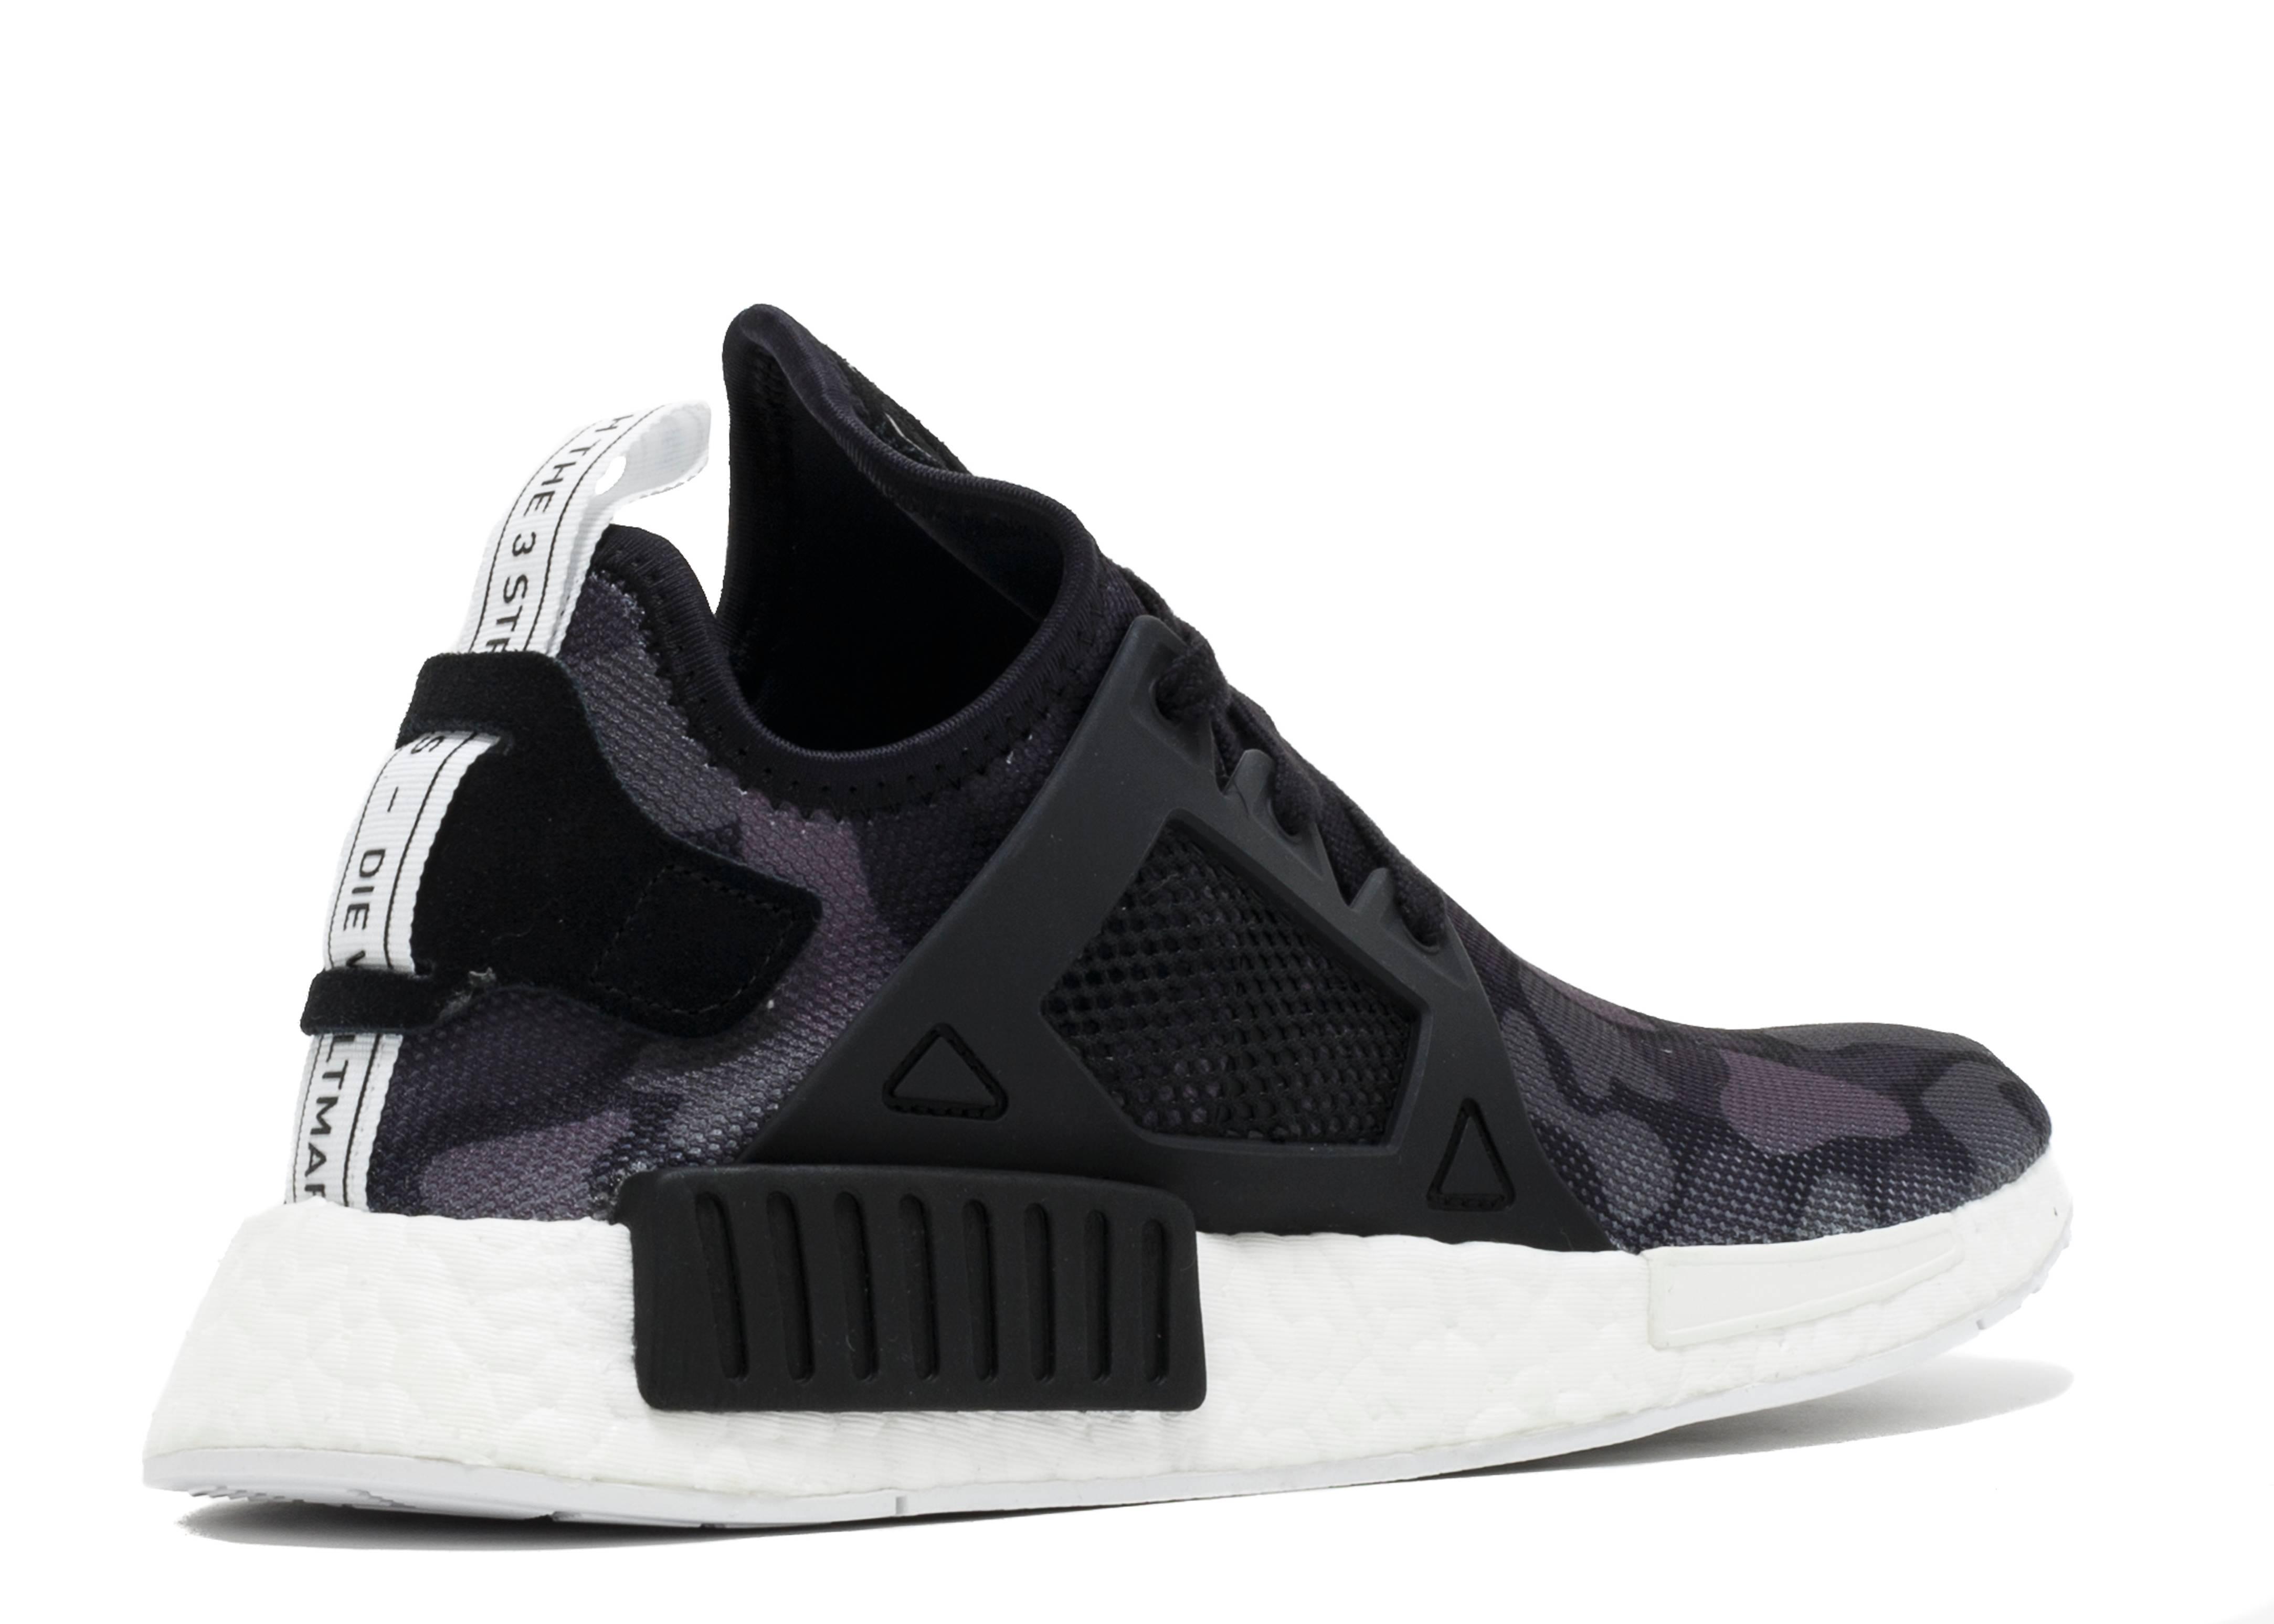 Adidas nmd xr 1 r 1 triple black adidas x kanye west clothing line